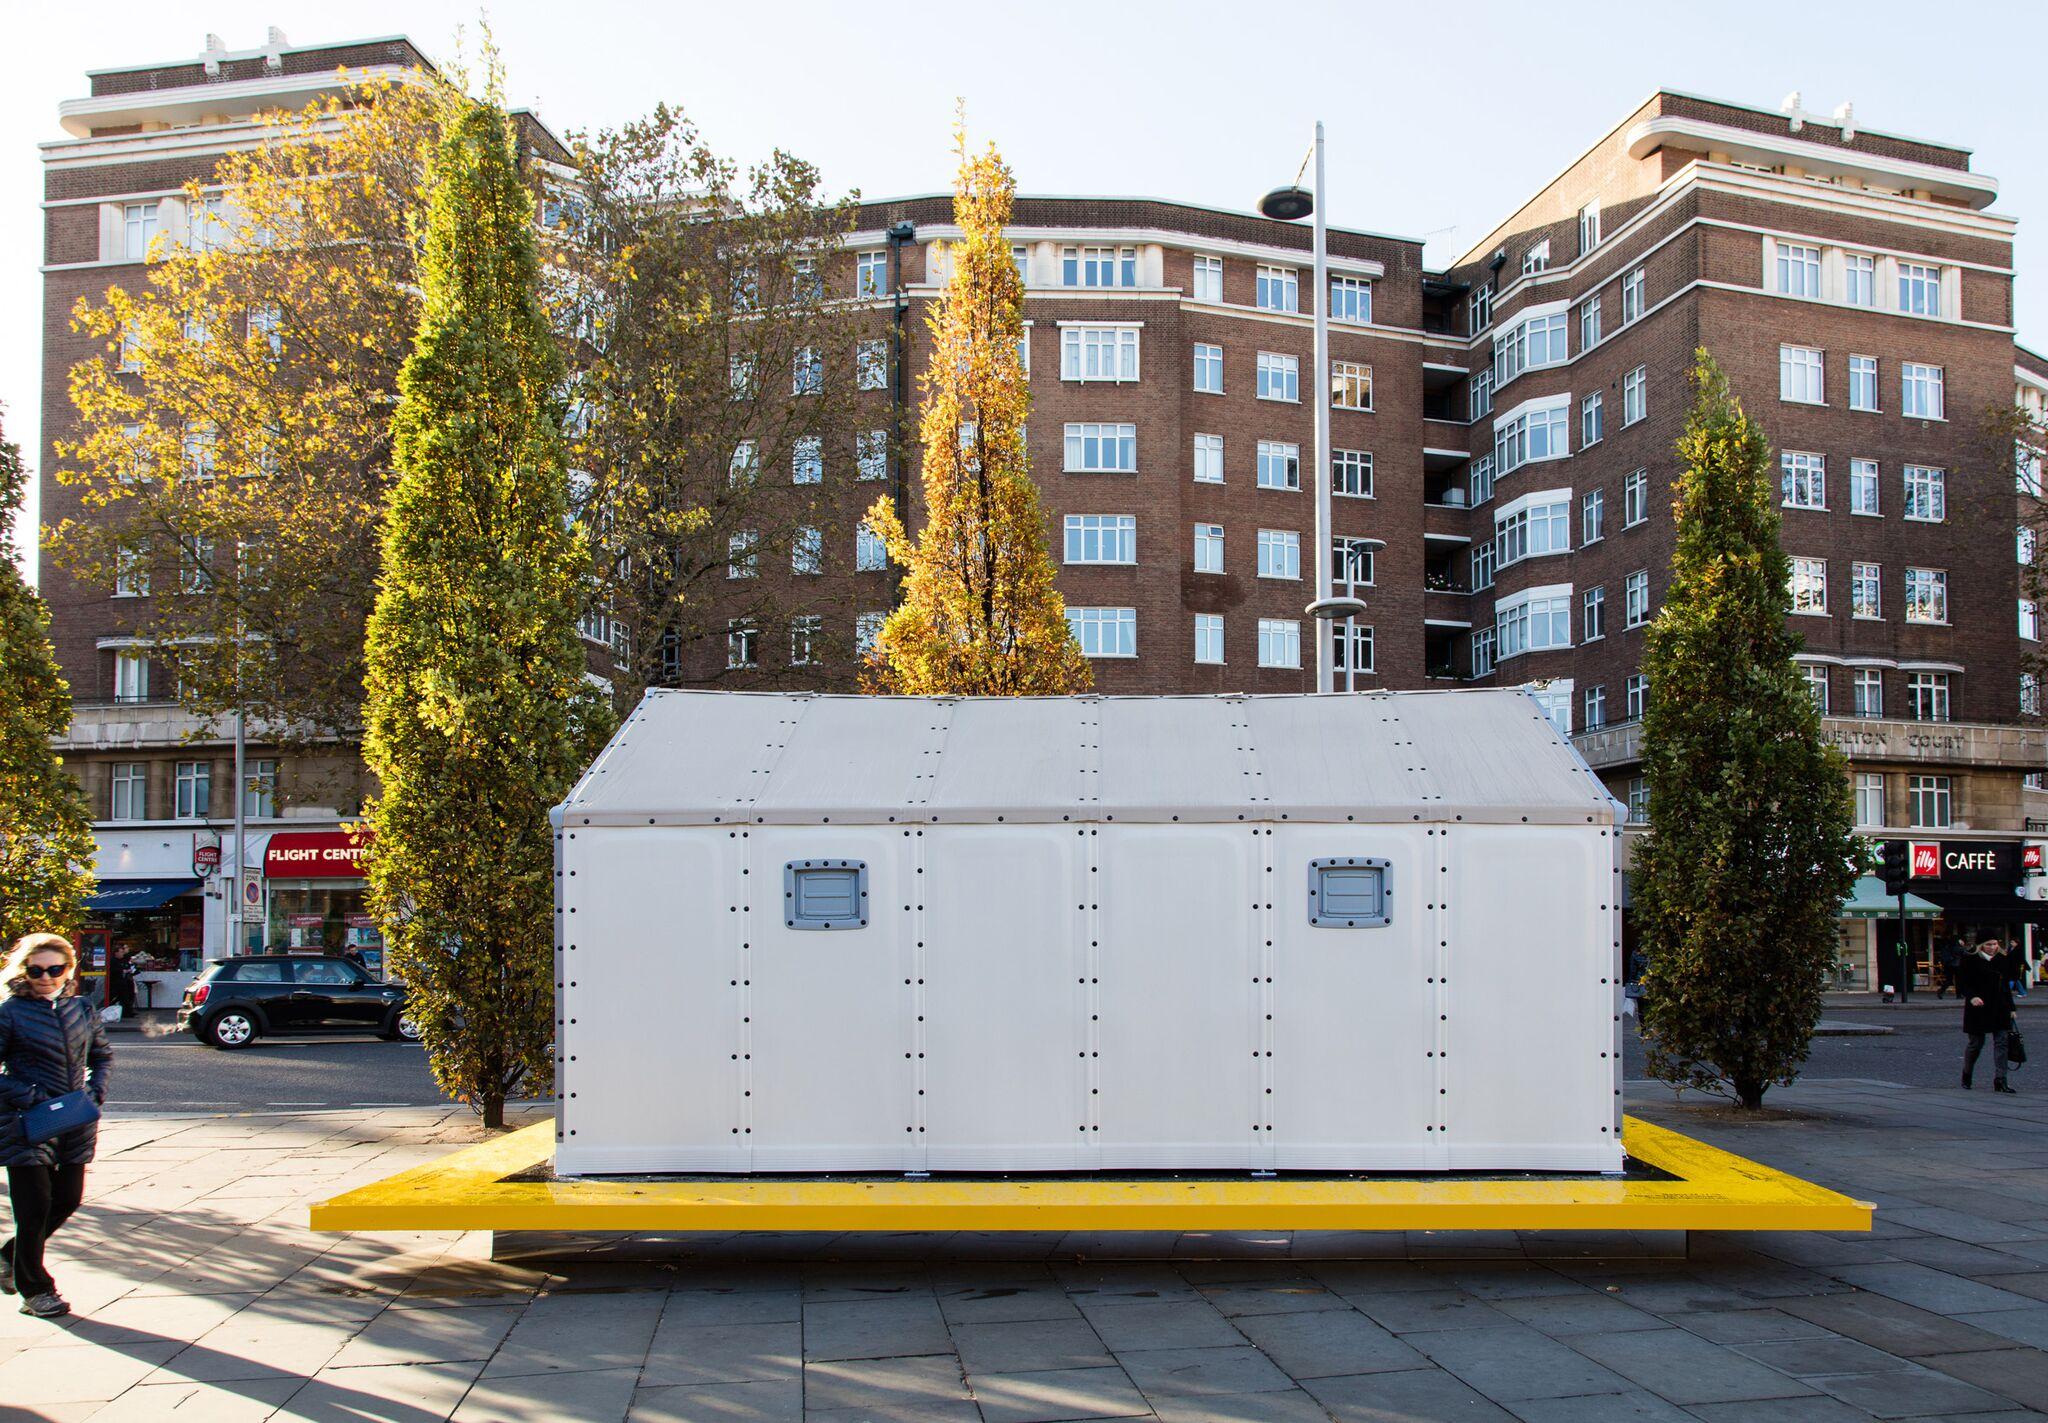 ikea-refugee-shelter-design-museum-installation-news-london-uk_dezeen_2364_col_2_preview.jpg